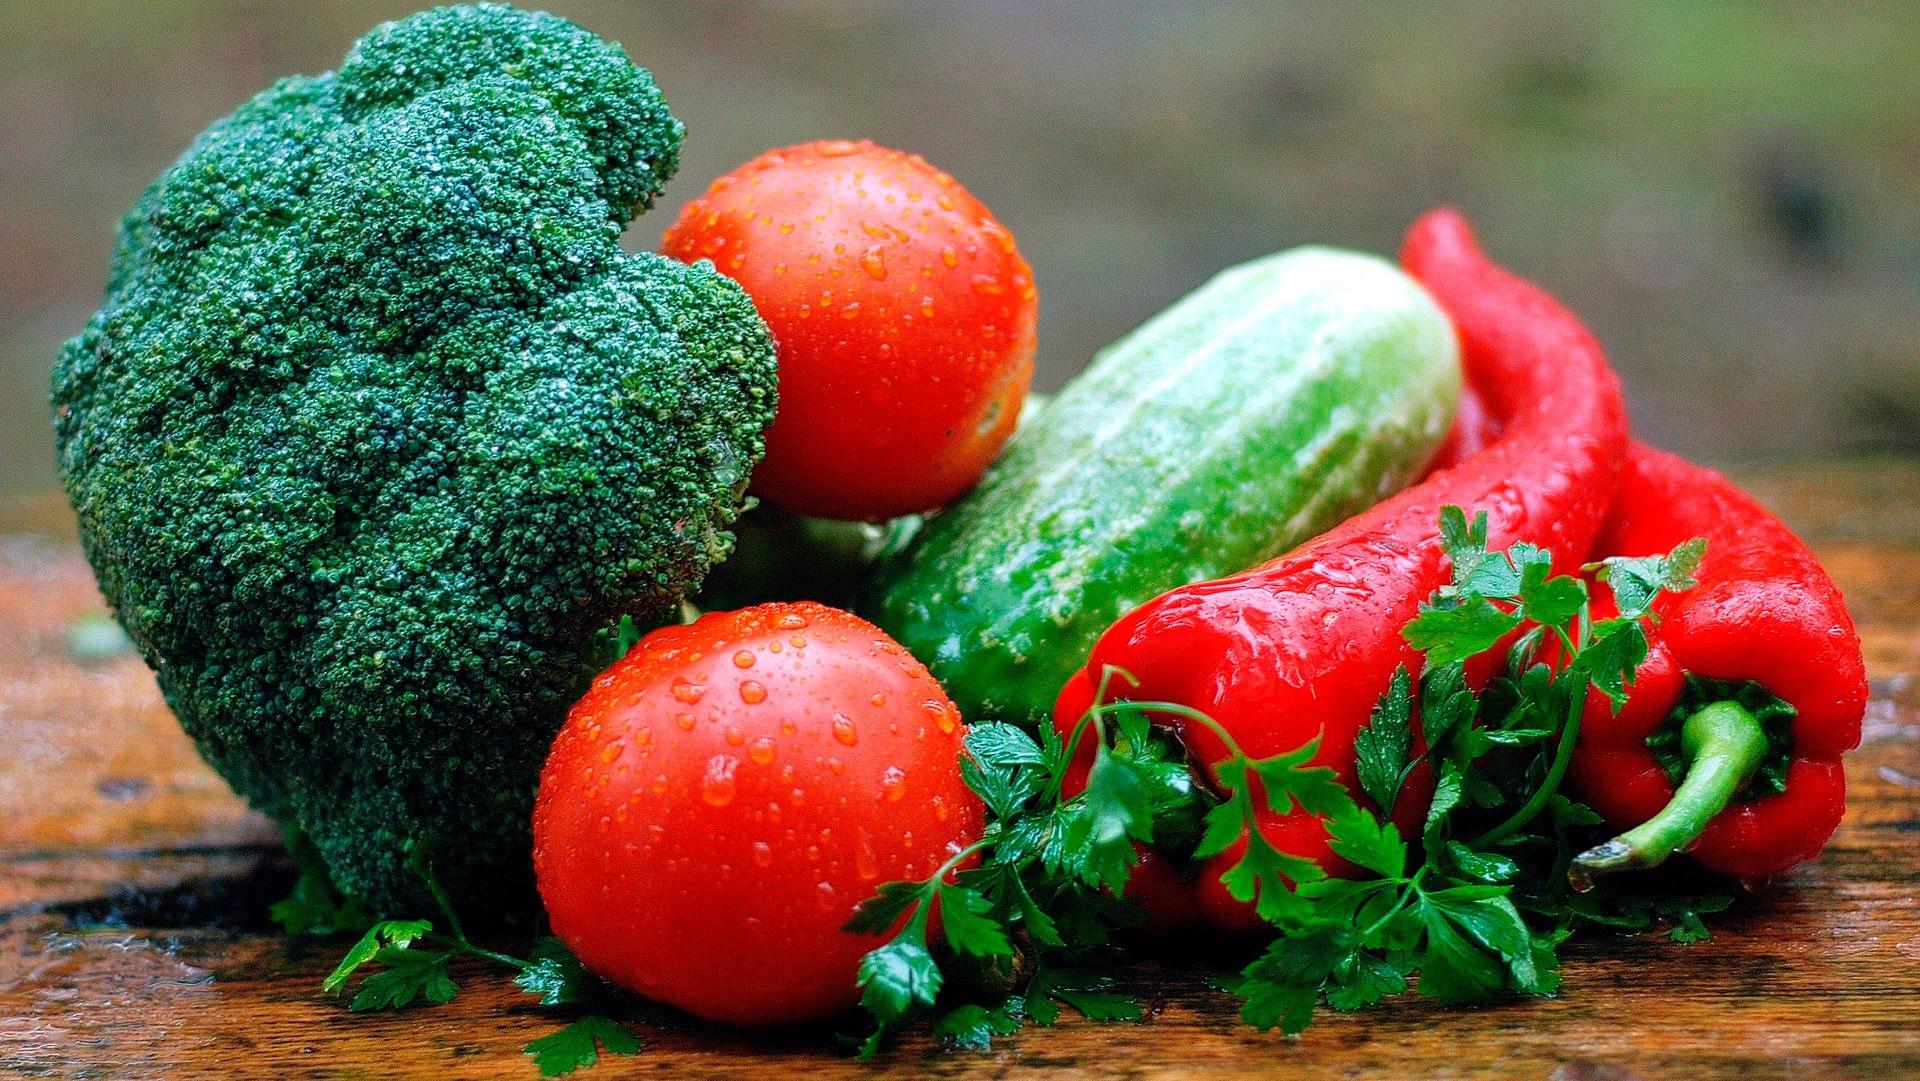 В Роскачестве предупредили о содержании токсинов во фруктах и овощах